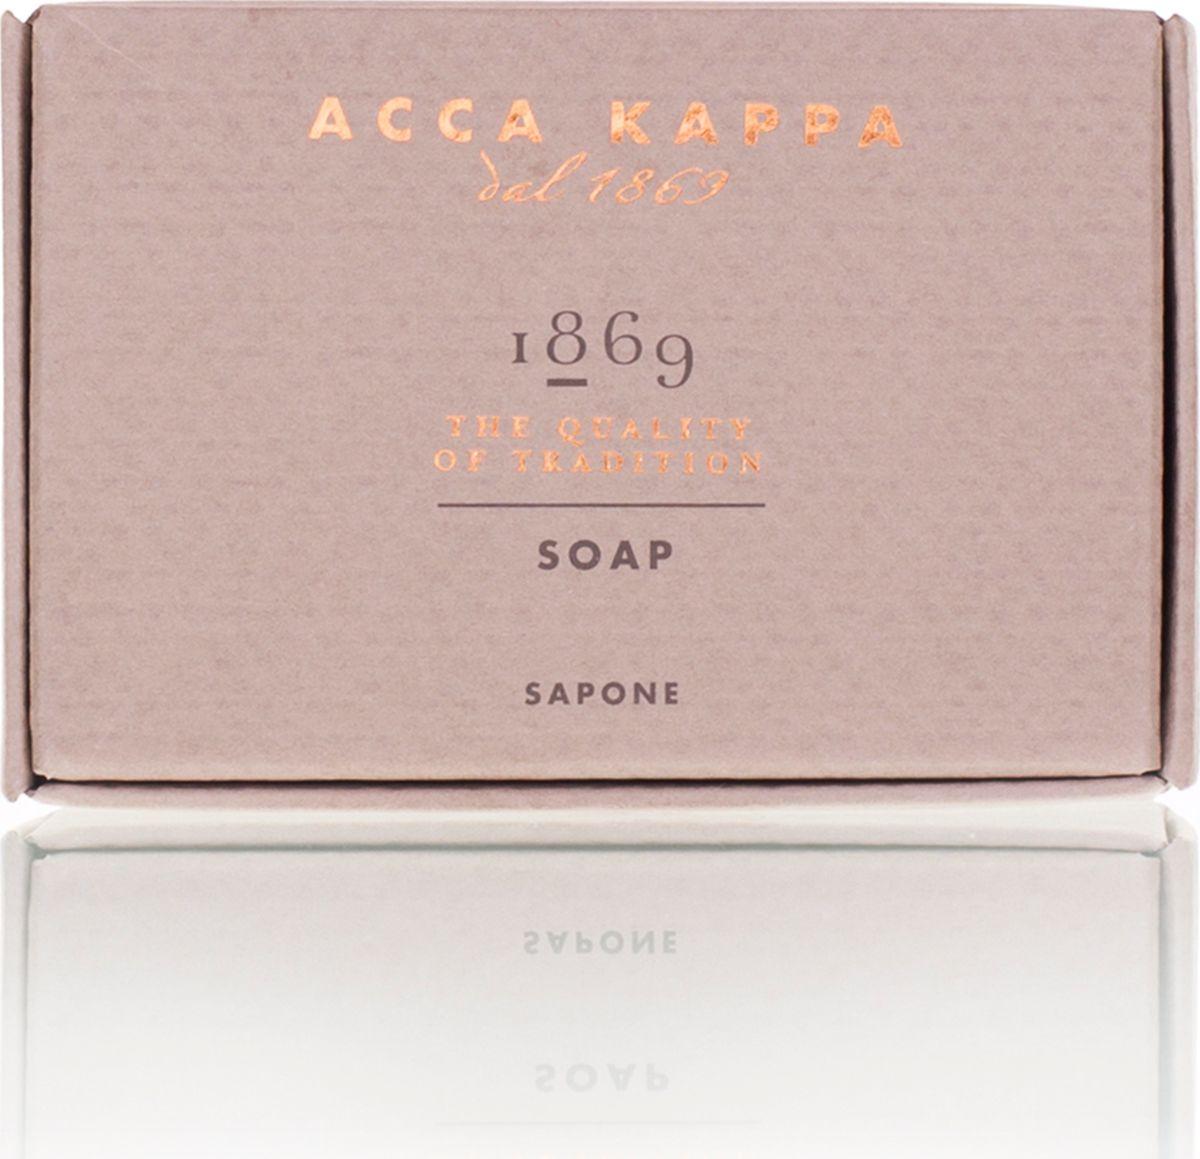 Acca Kappa Мыло туалетное 1869 100 гр853411Мыло создано с использованием традиционных методов из сырья исключительно растительного происхождения.